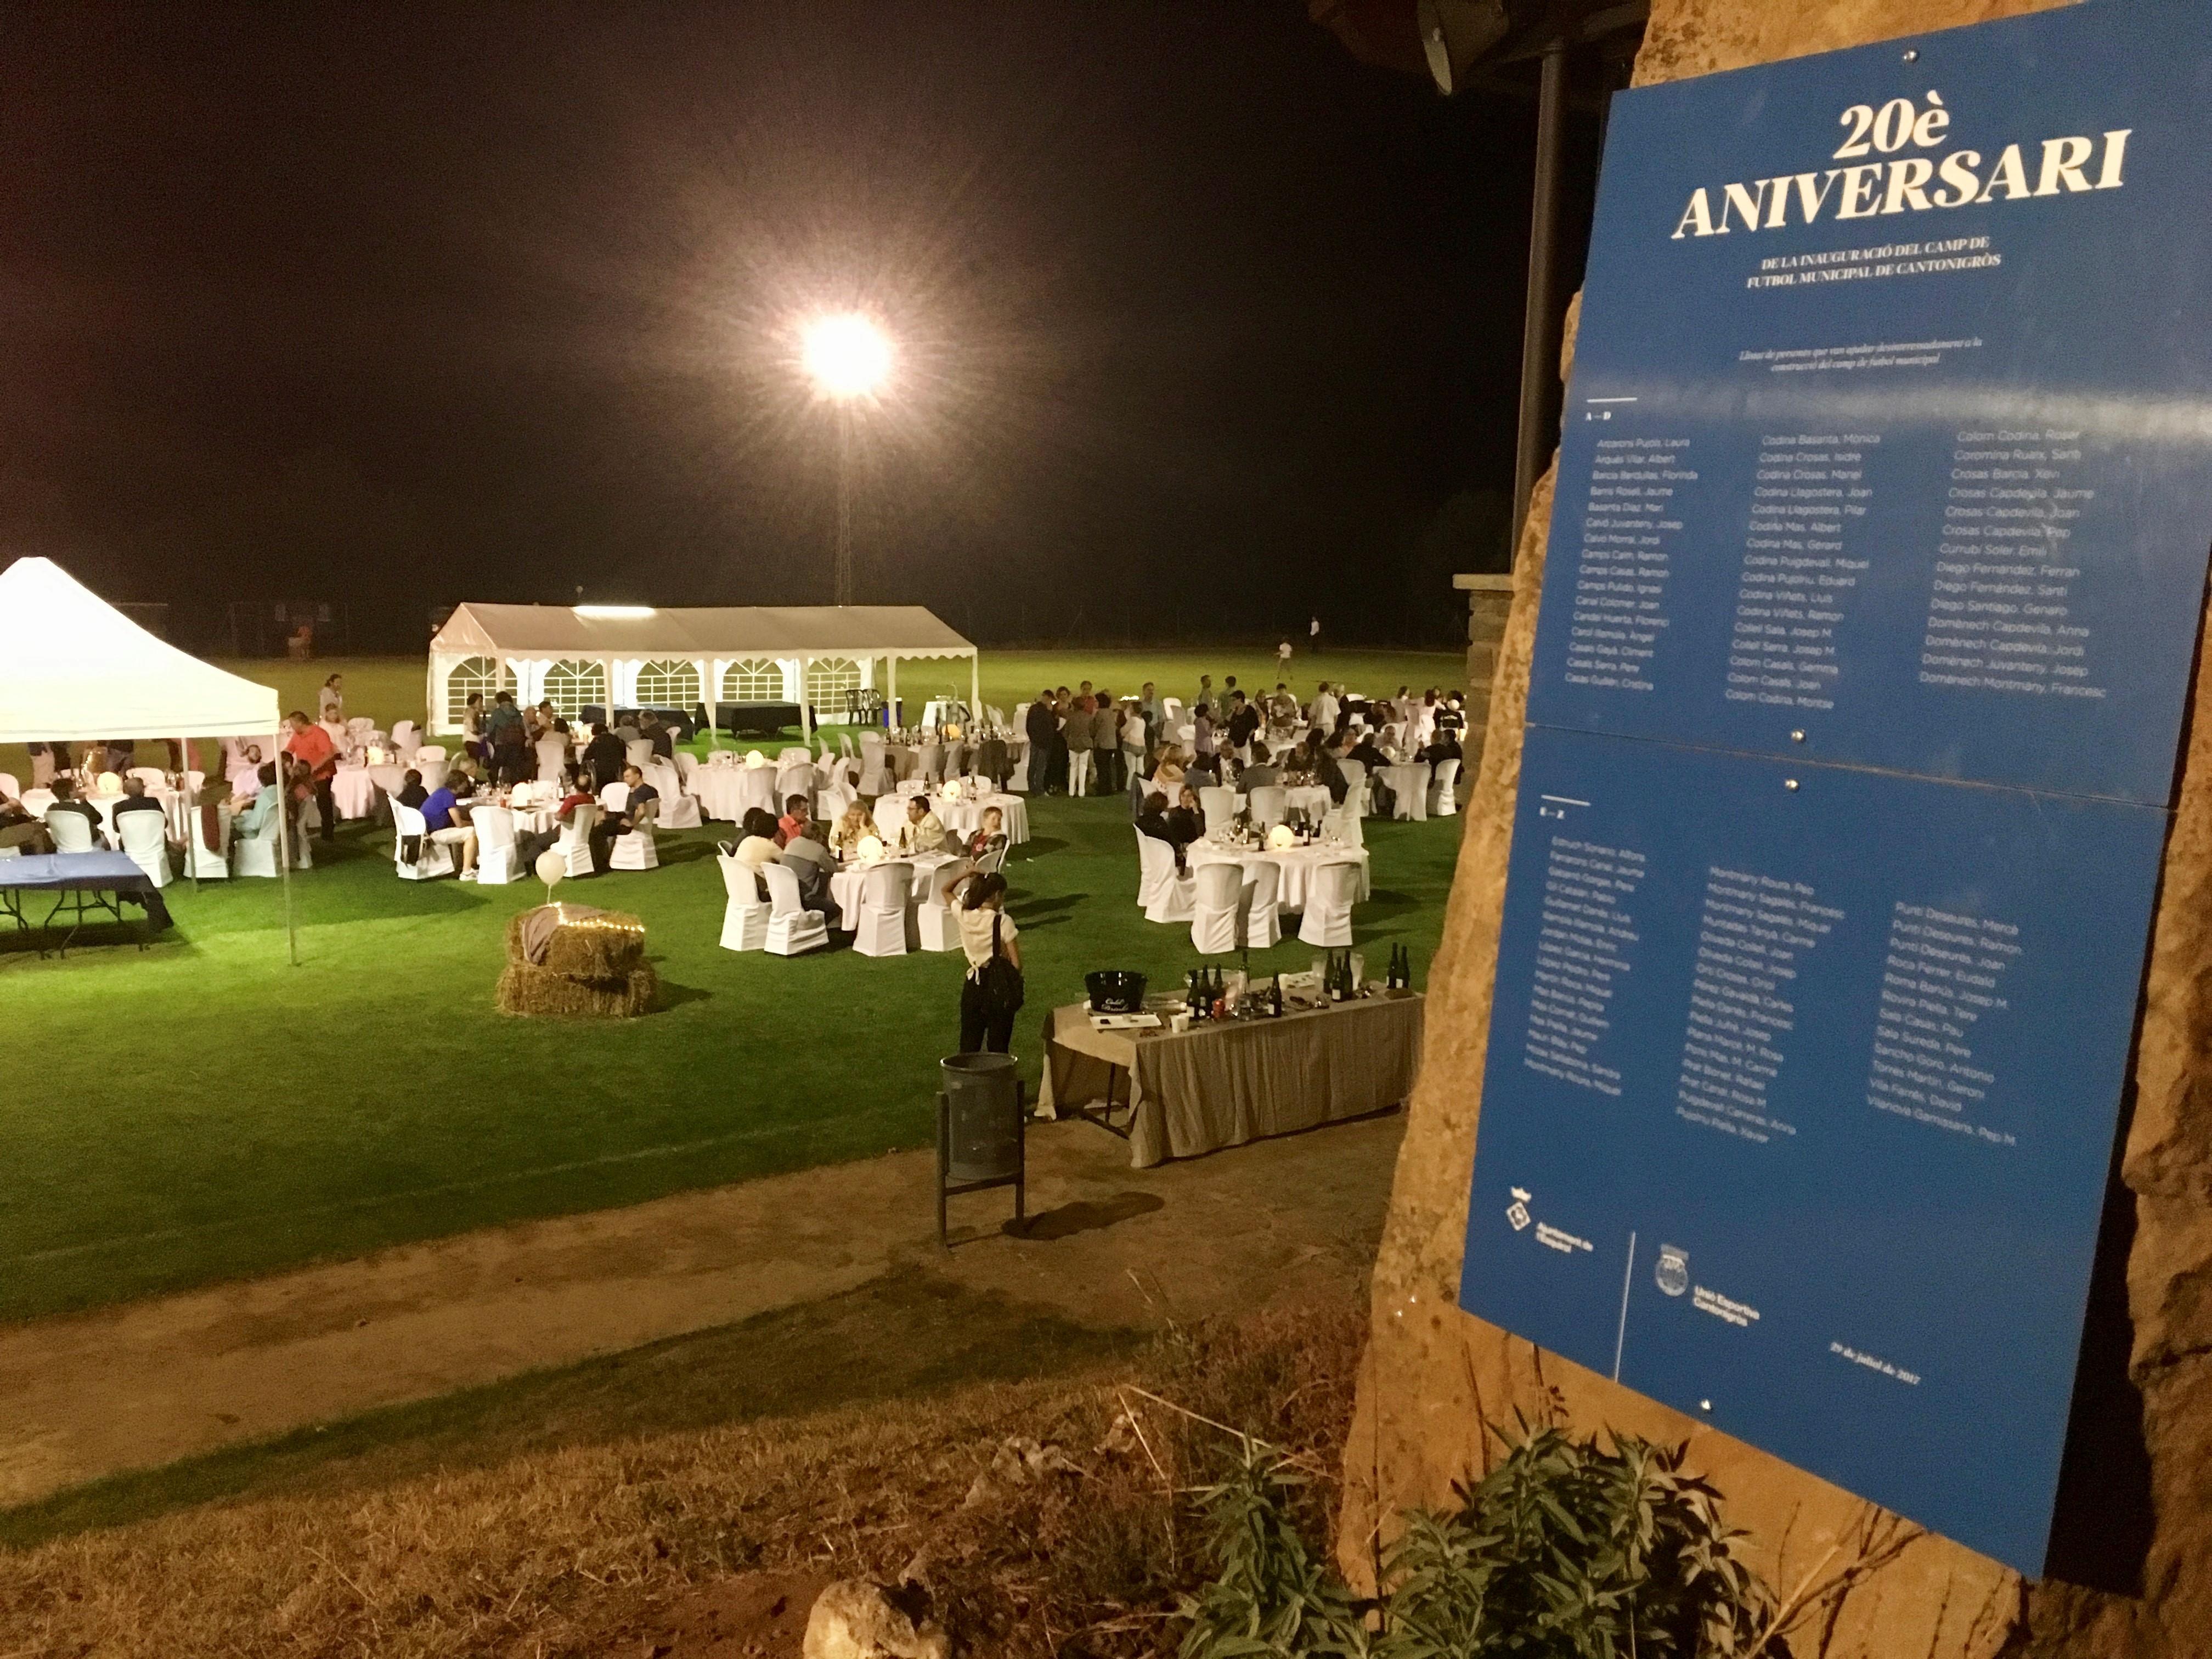 20 anys del camp de futbol de Cantonigròs